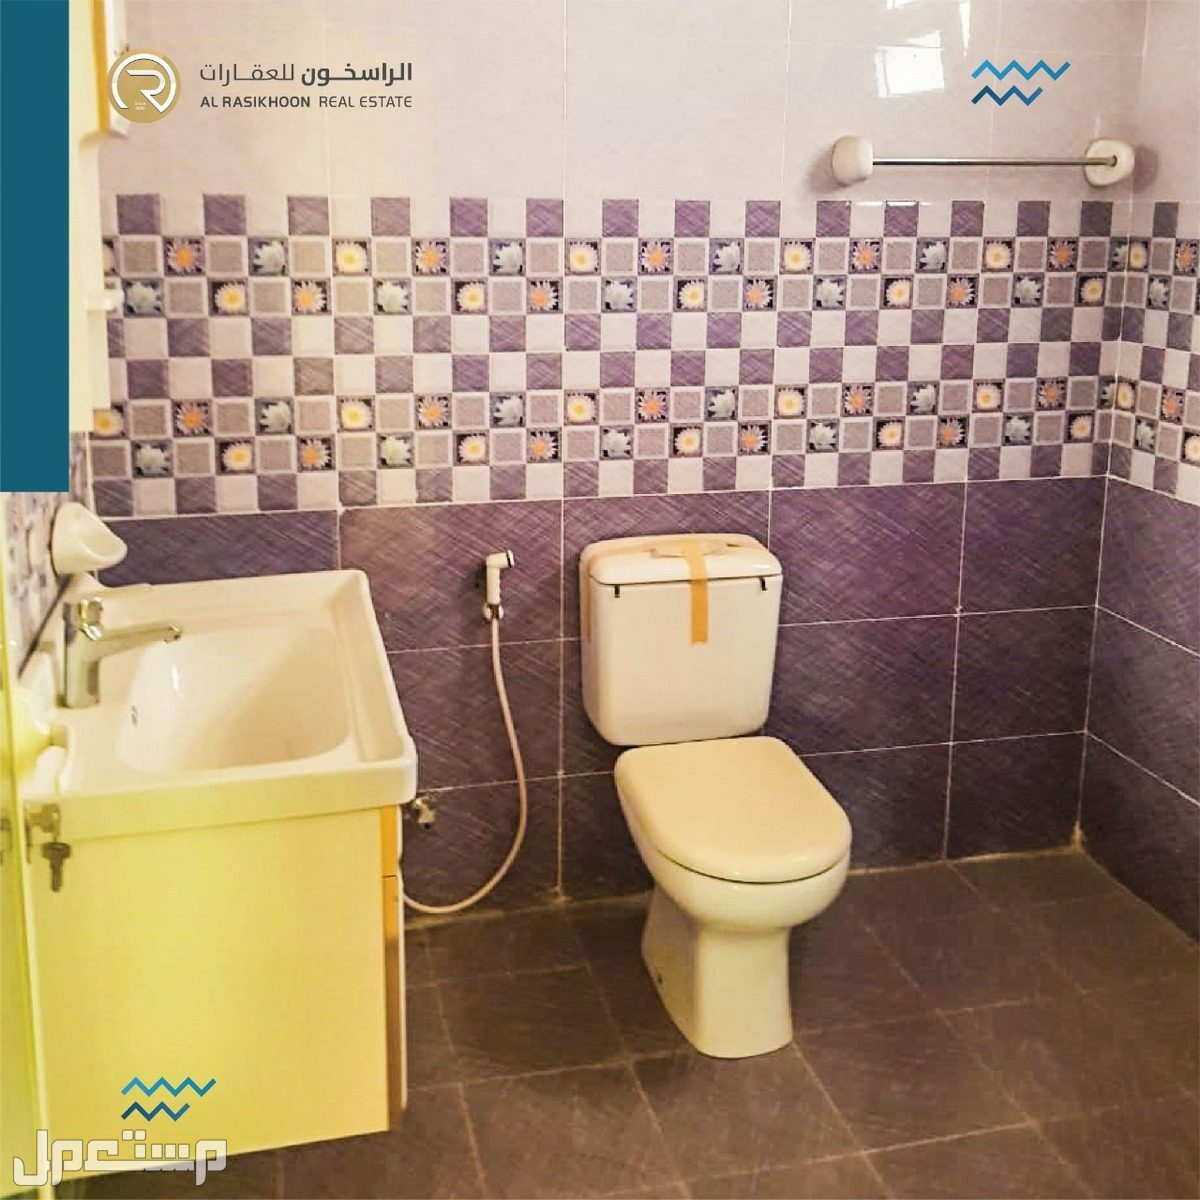 للبيع فيلا بمنطقة المويهات 2 -تملك حر كل الجنسيات-قريبة من اكادمية عجمان